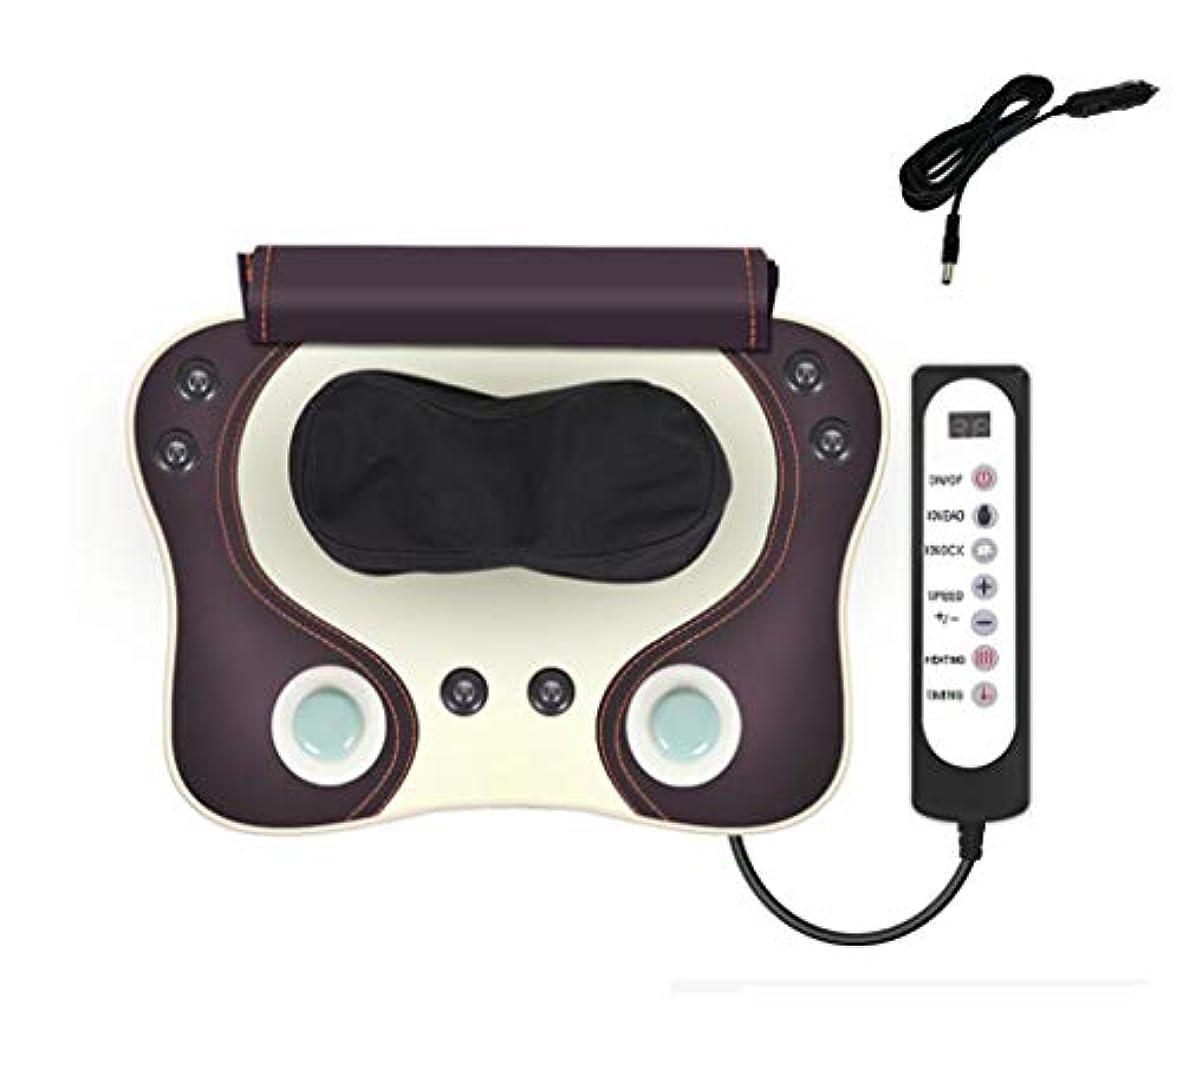 可能にする可能にするアンケート多機能ボディマッサージ枕、首のマッサージ枕、車/ホーム、ブラウン